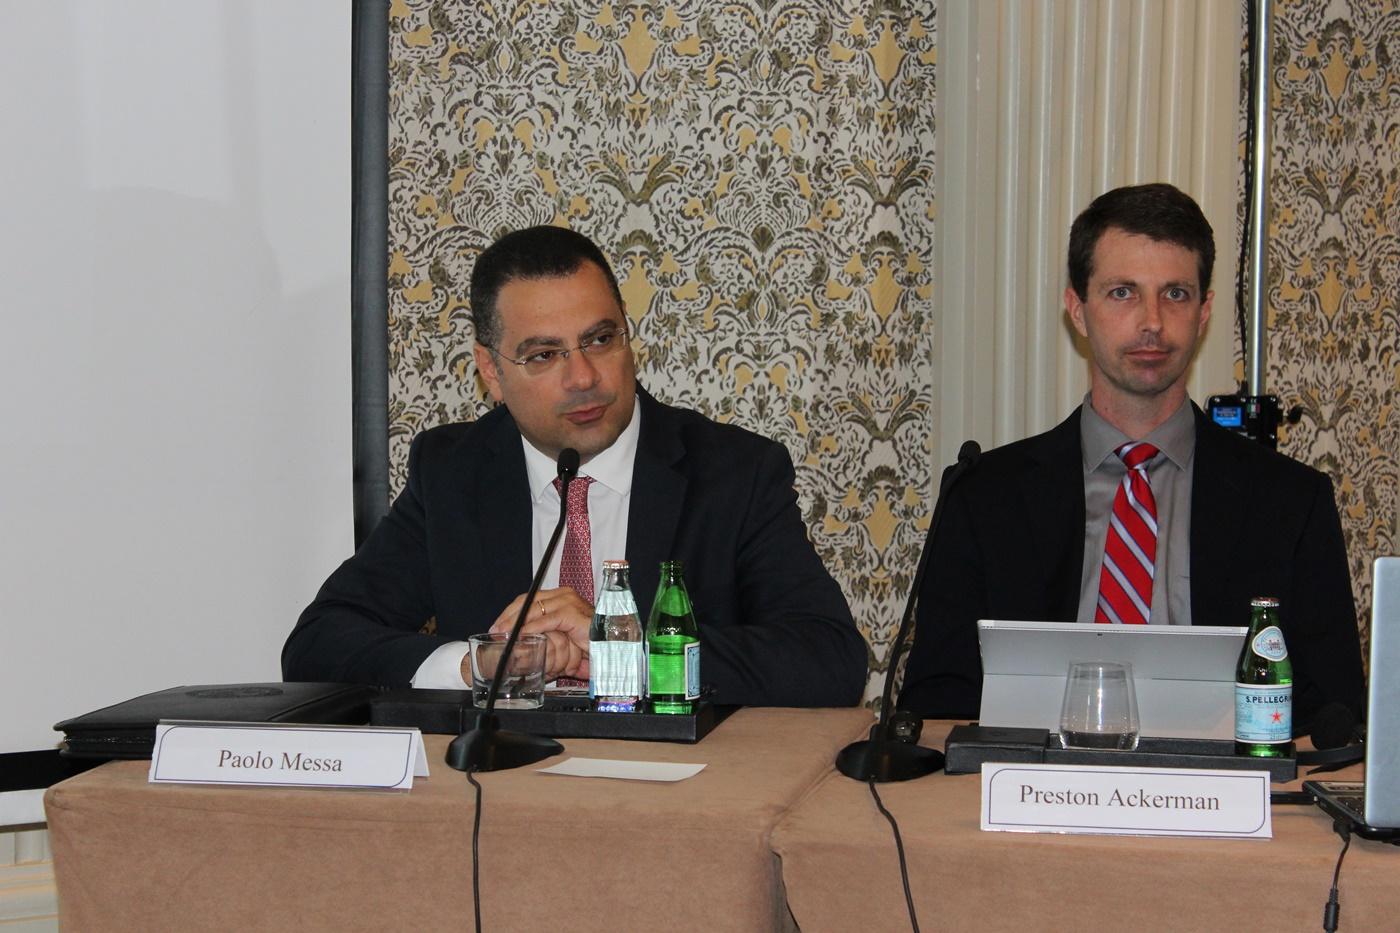 Paolo Messa e Paul J. Tortora